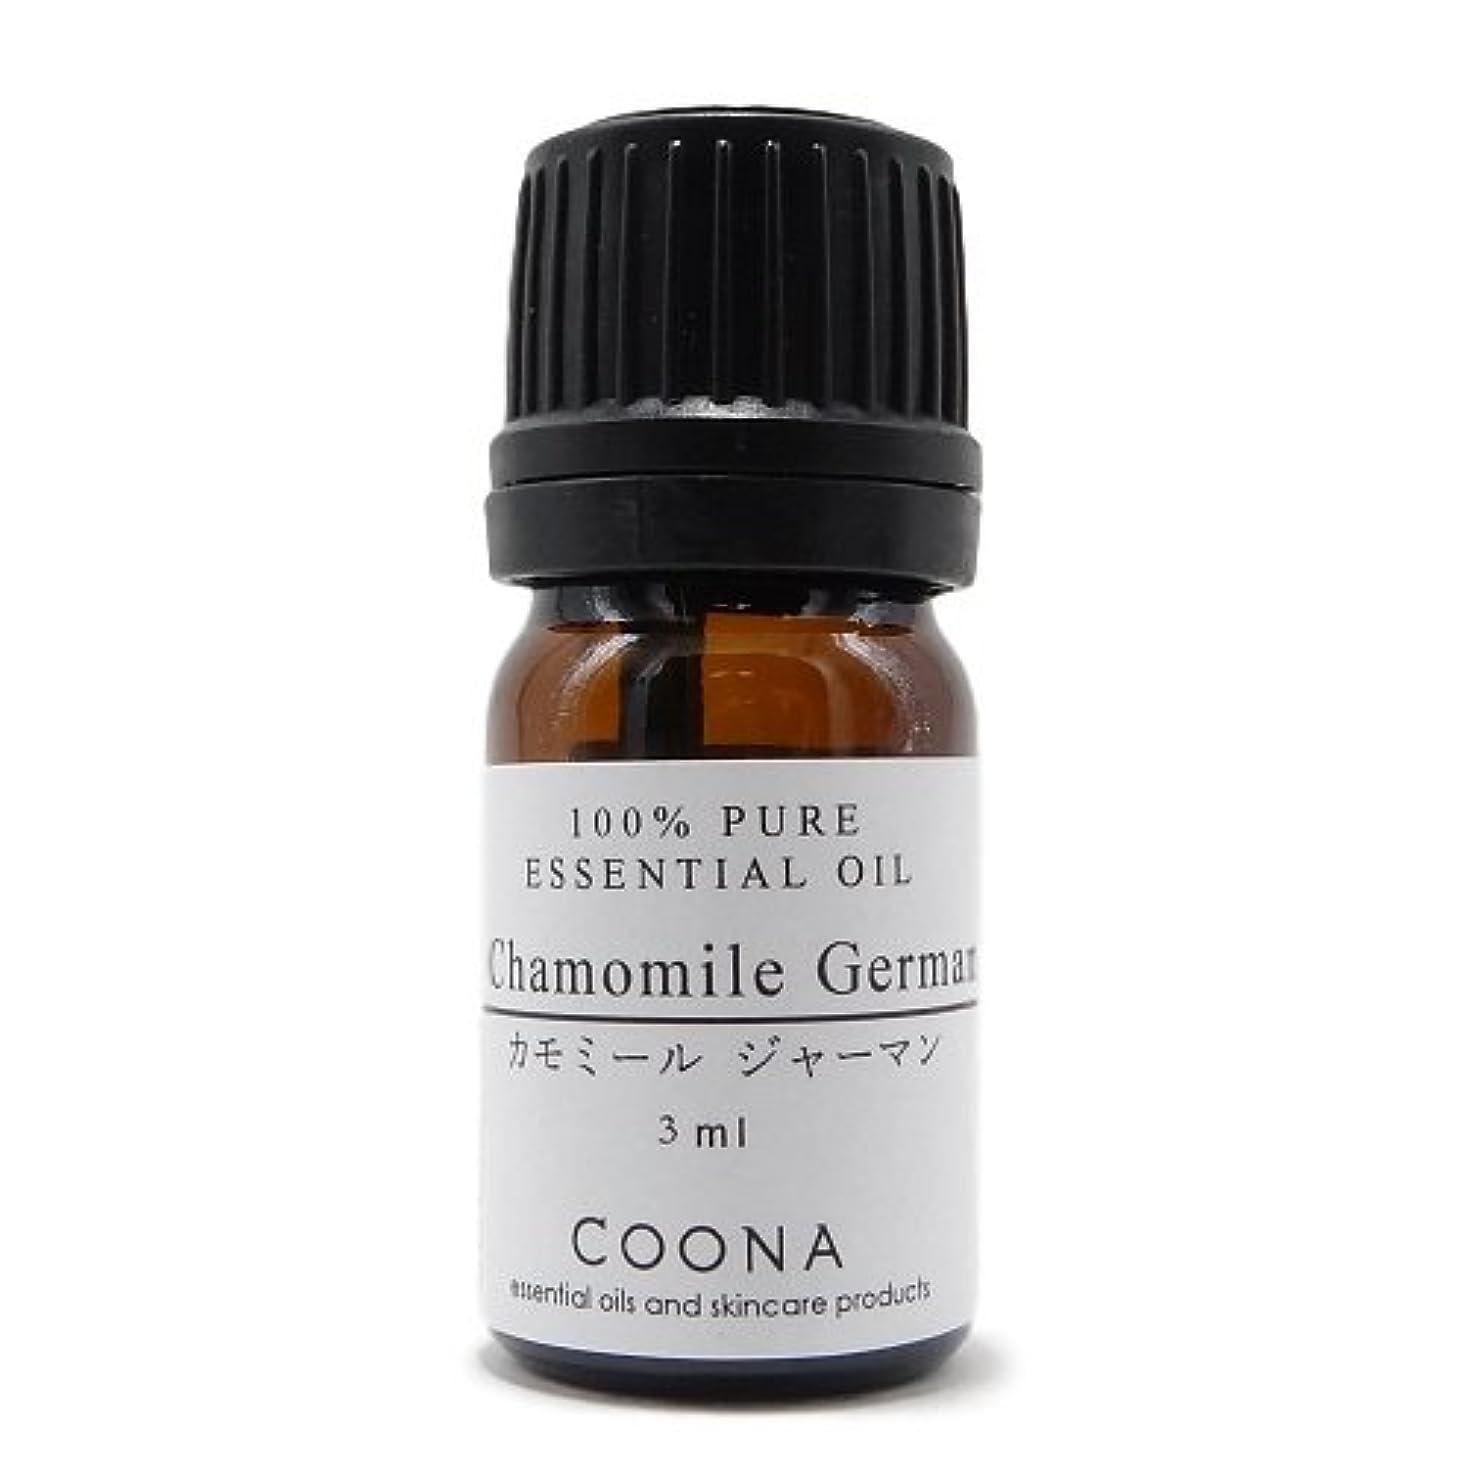 勝つデータム解放カモミール ジャーマン 3 ml (COONA エッセンシャルオイル アロマオイル 100% 天然植物精油)